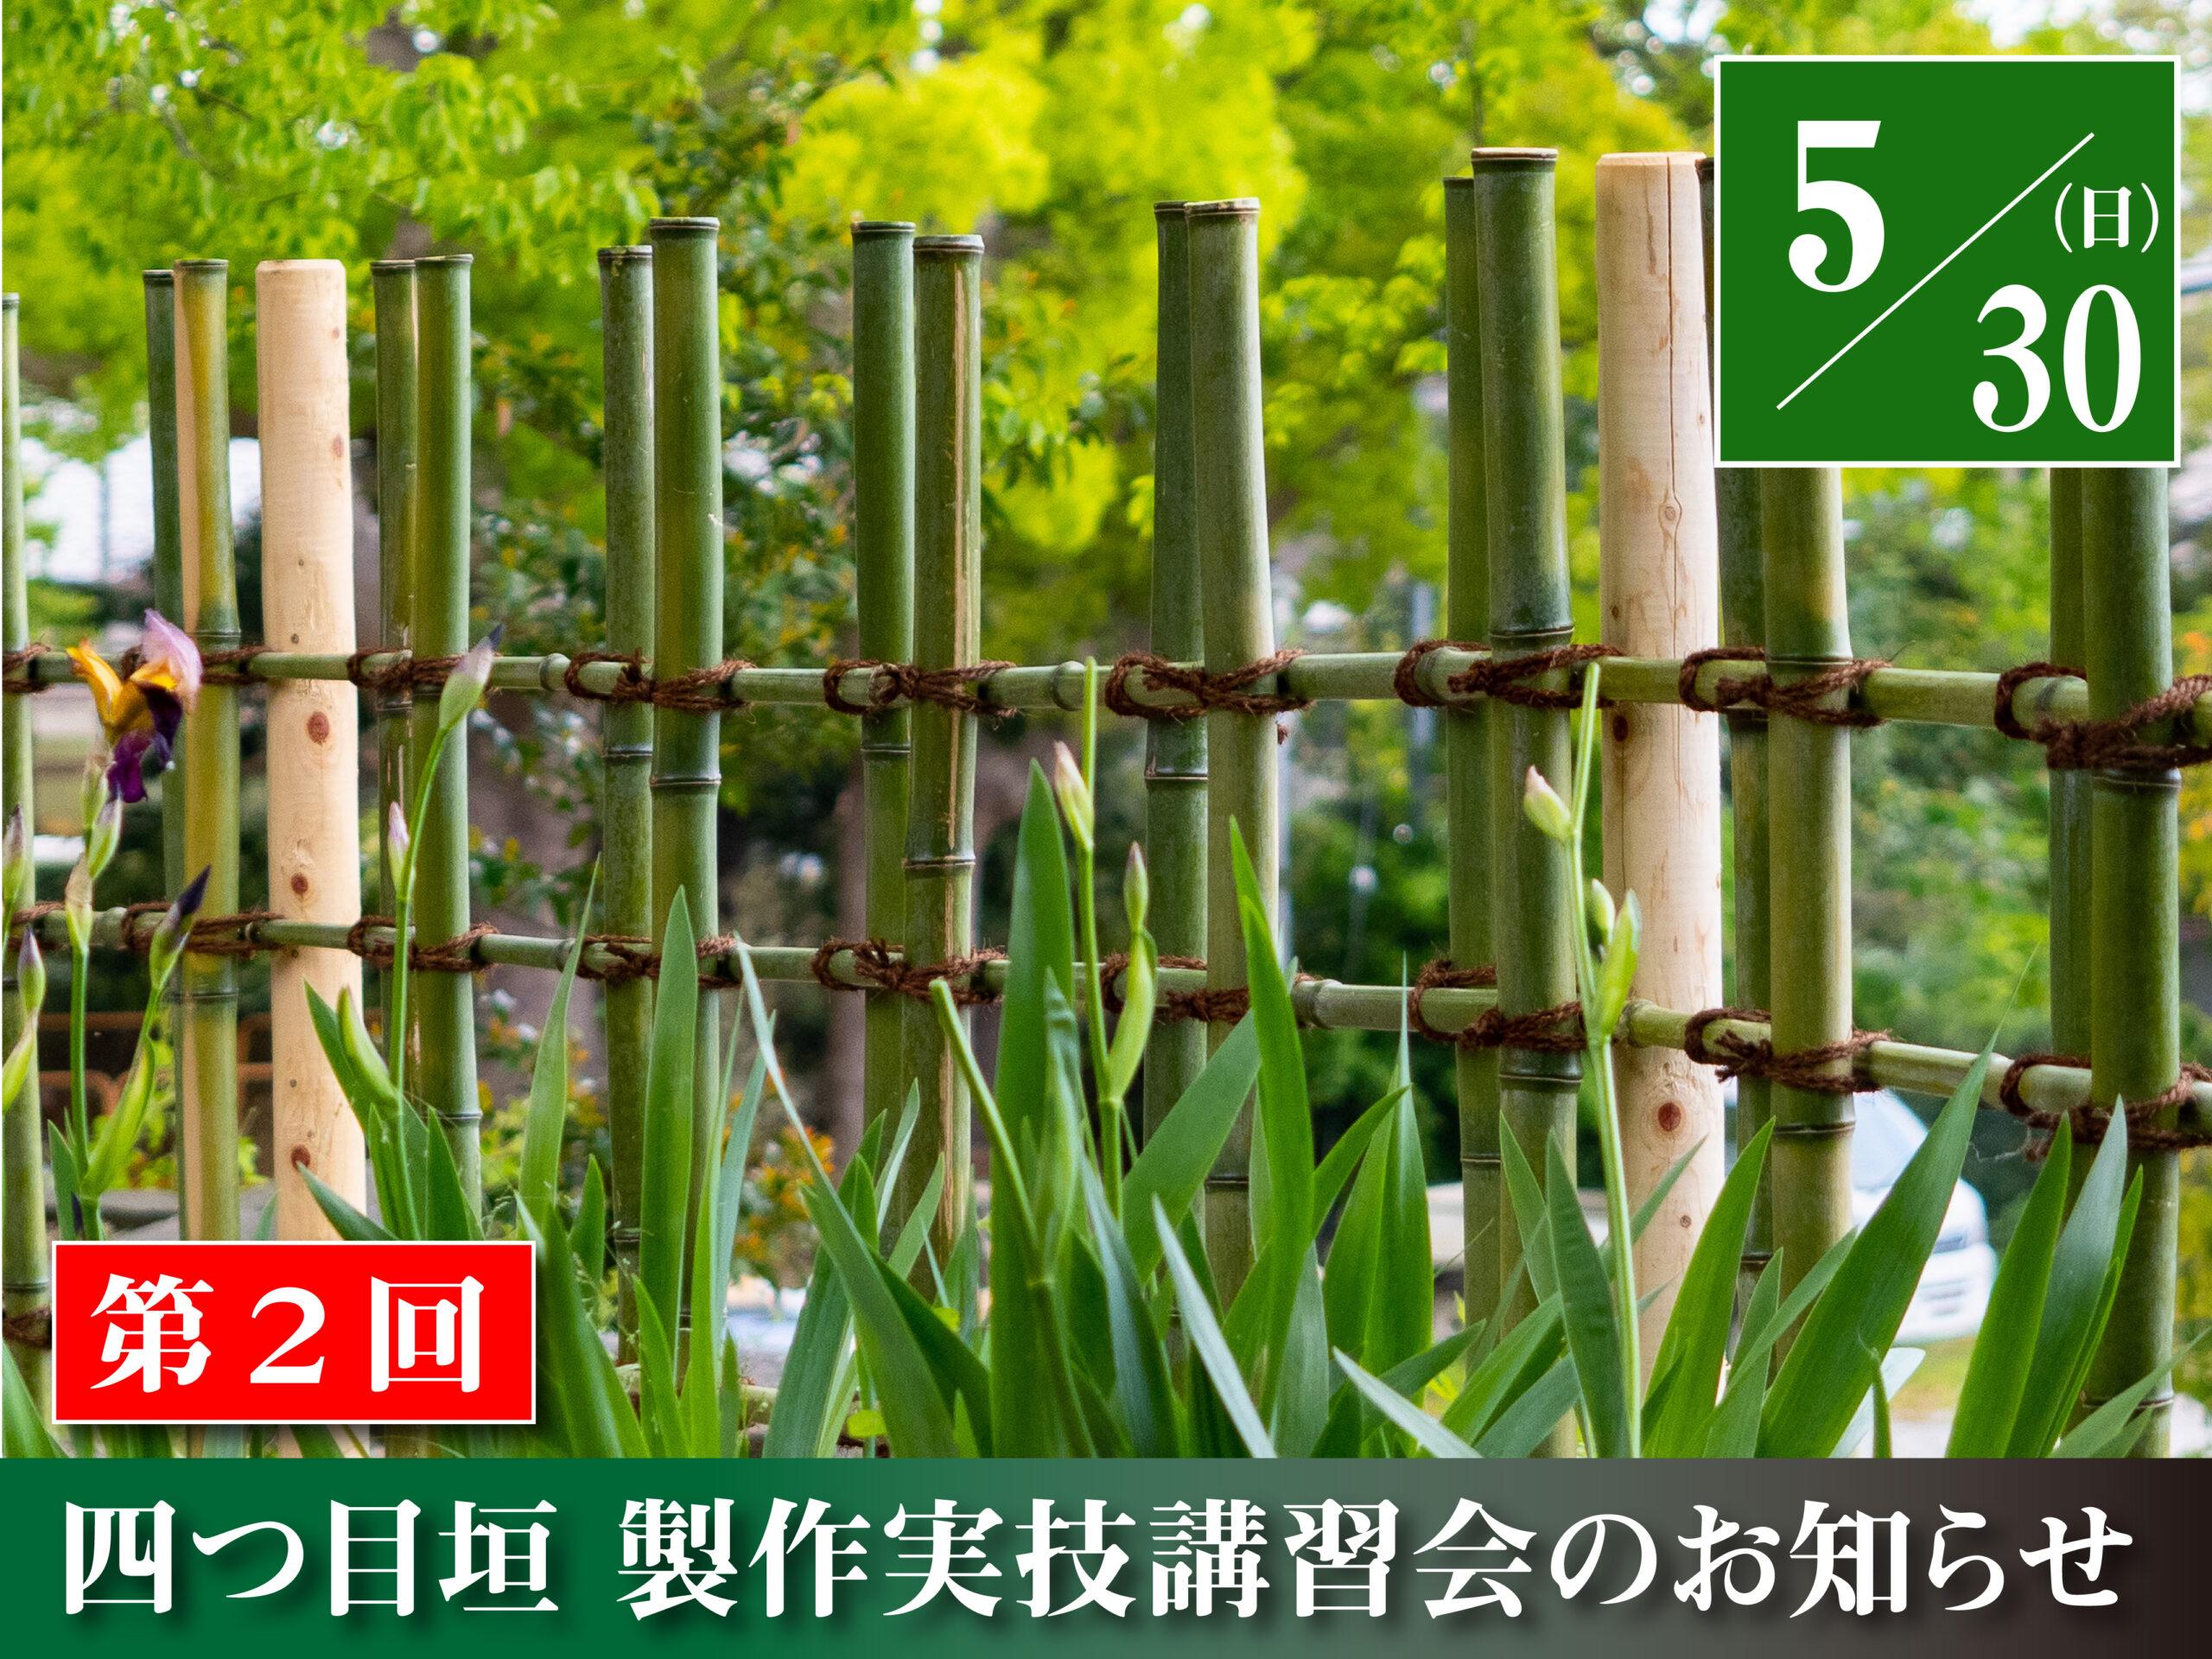 第2回竹垣講習会 5月30日(日)於:検見川神社(千葉市花見川区)